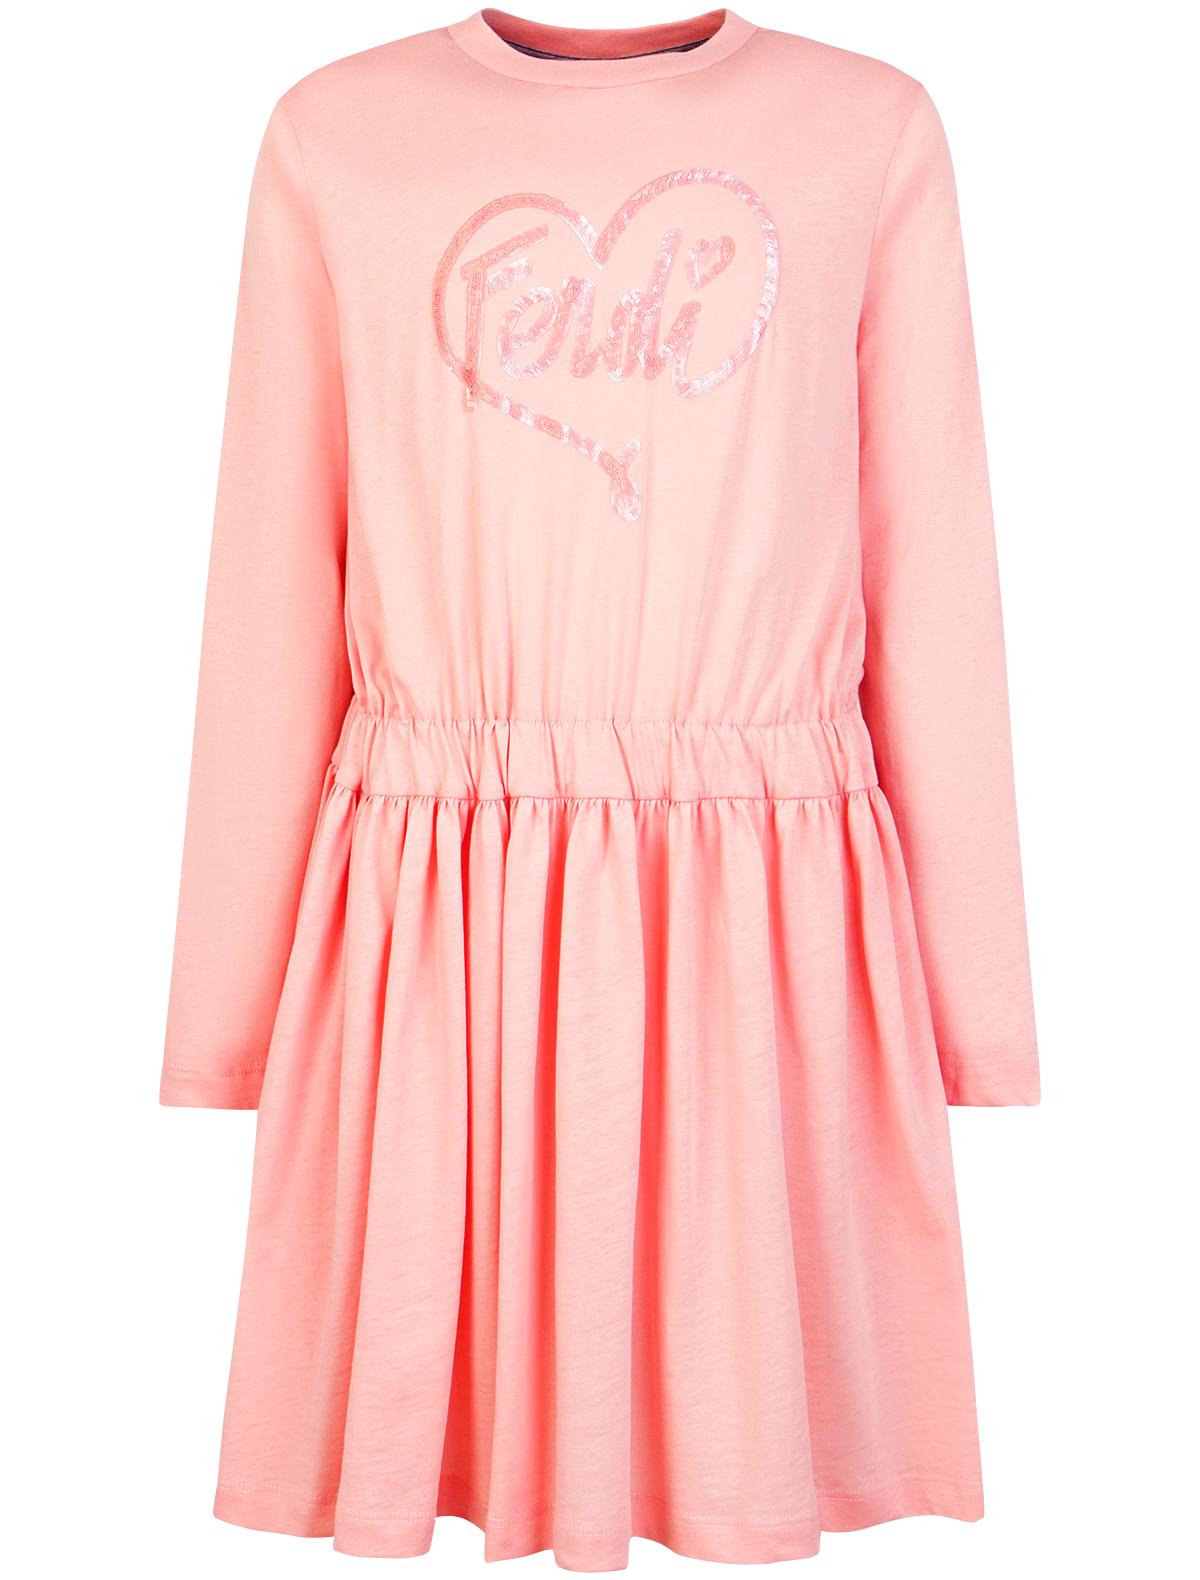 Купить 1870709, Платье Fendi, розовый, Женский, 1052609880025